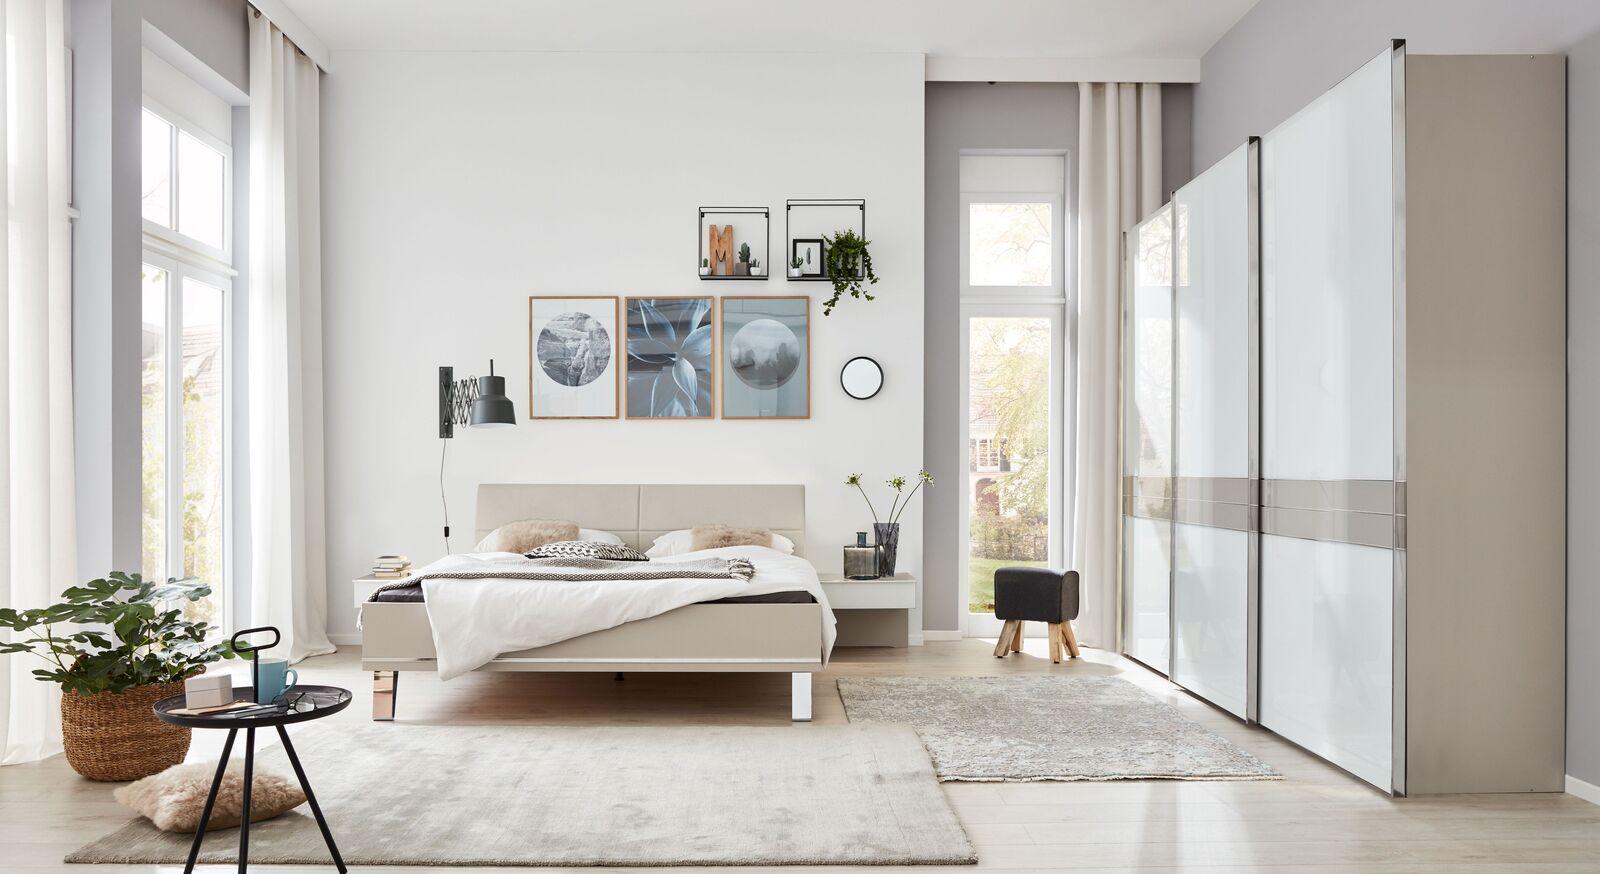 INTERLIVING Schlafzimmer 1009 mit Schwebetuerenschrank und Bett in angesagtem Design